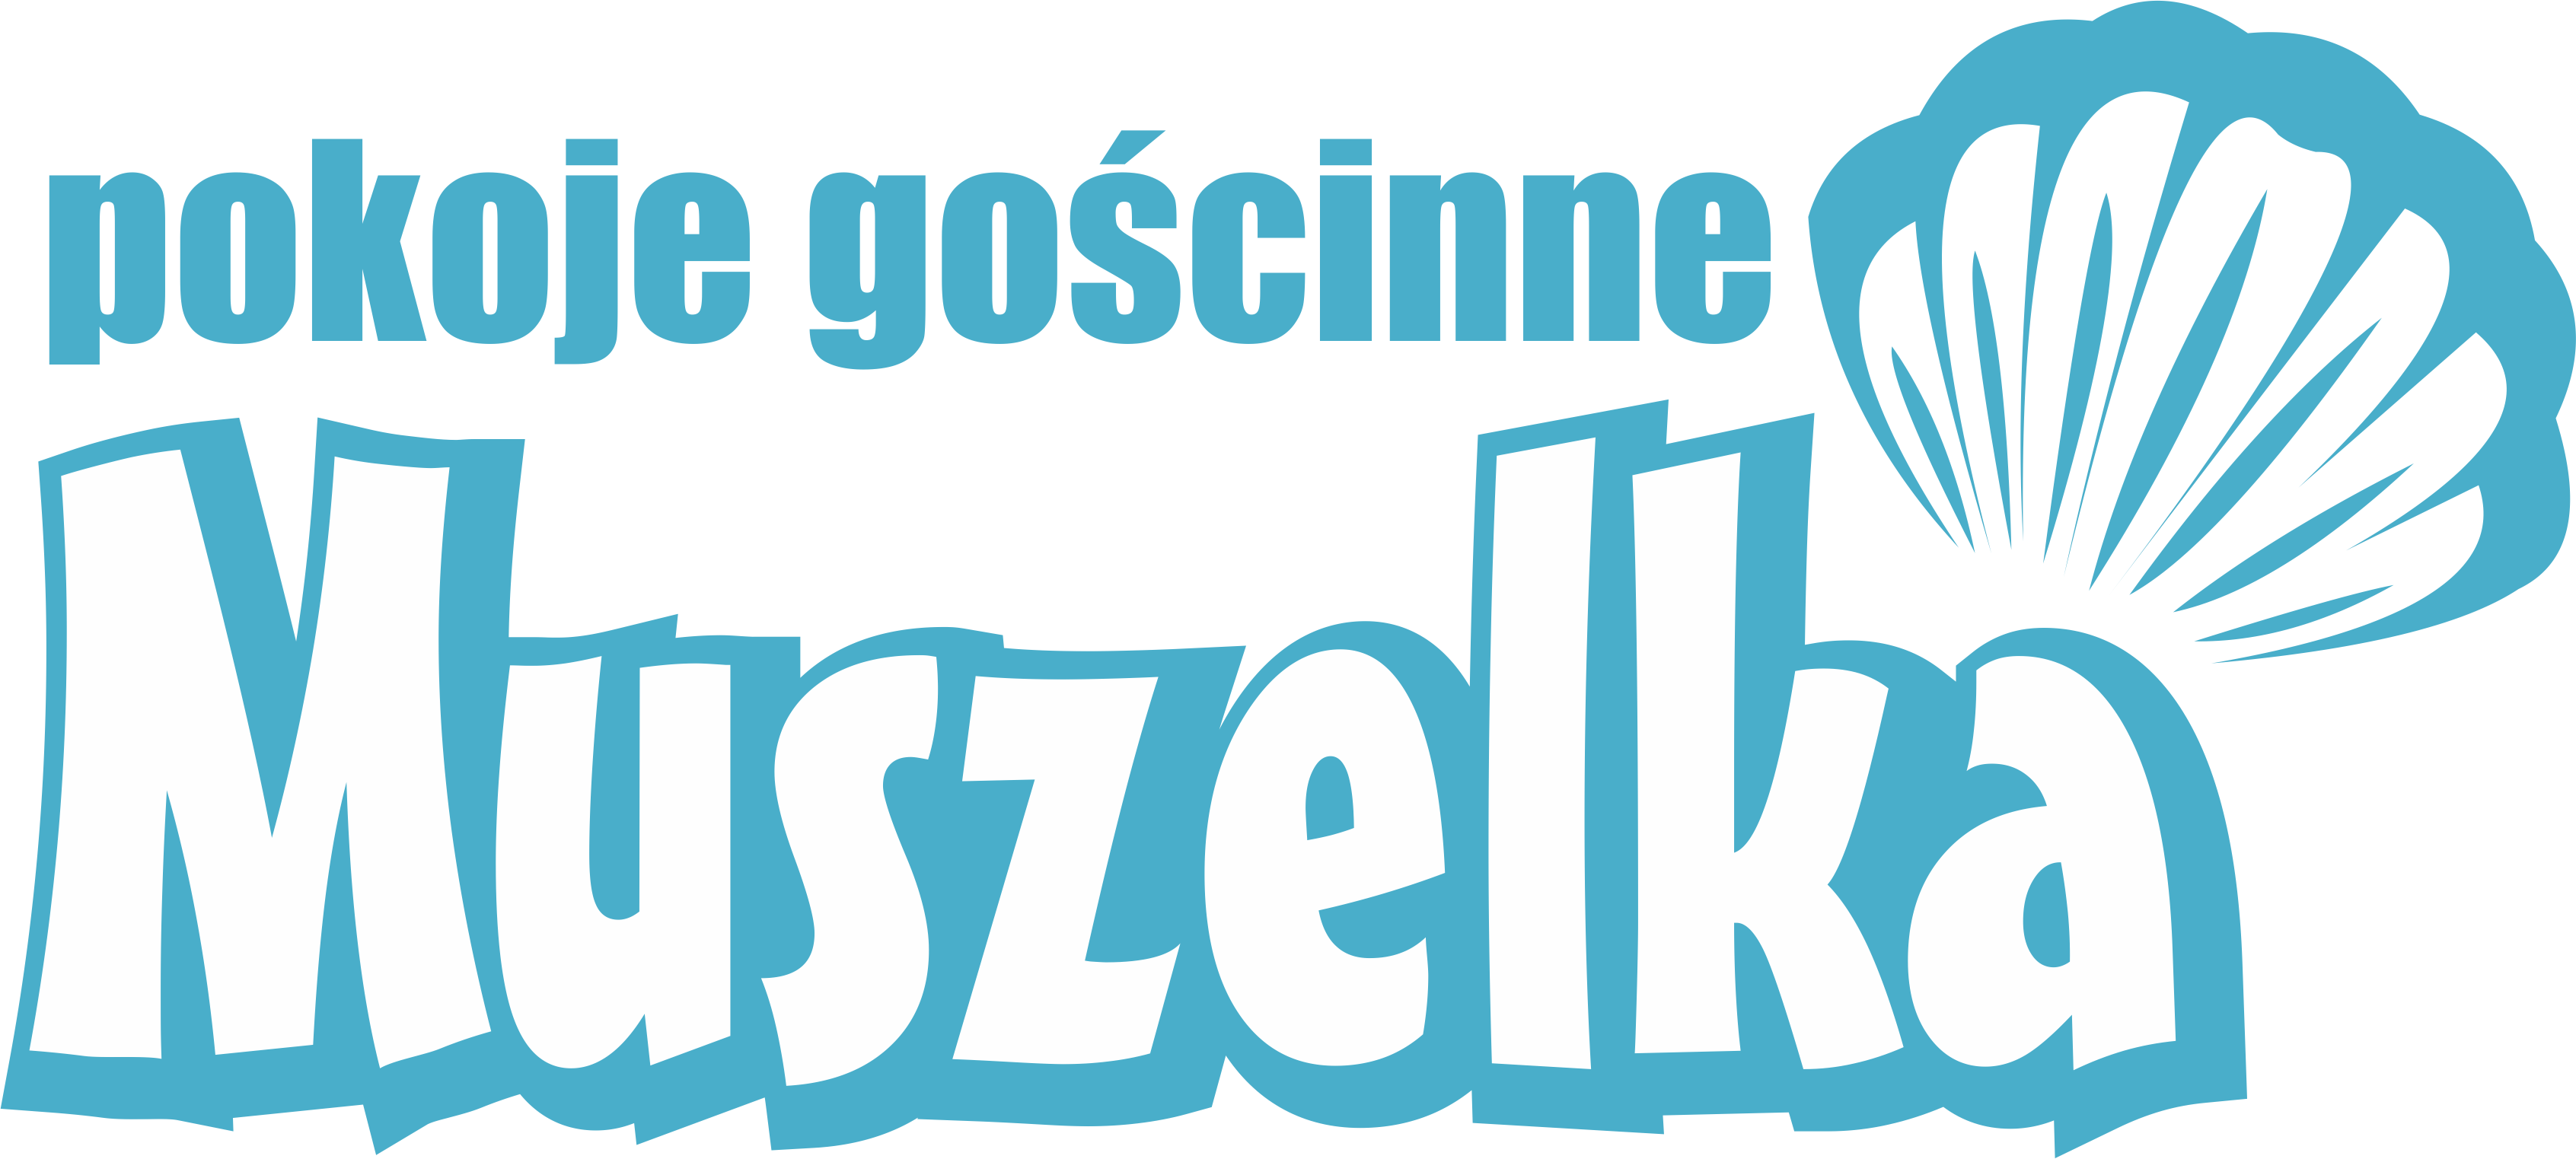 Pokoje gościnne - Muszelka